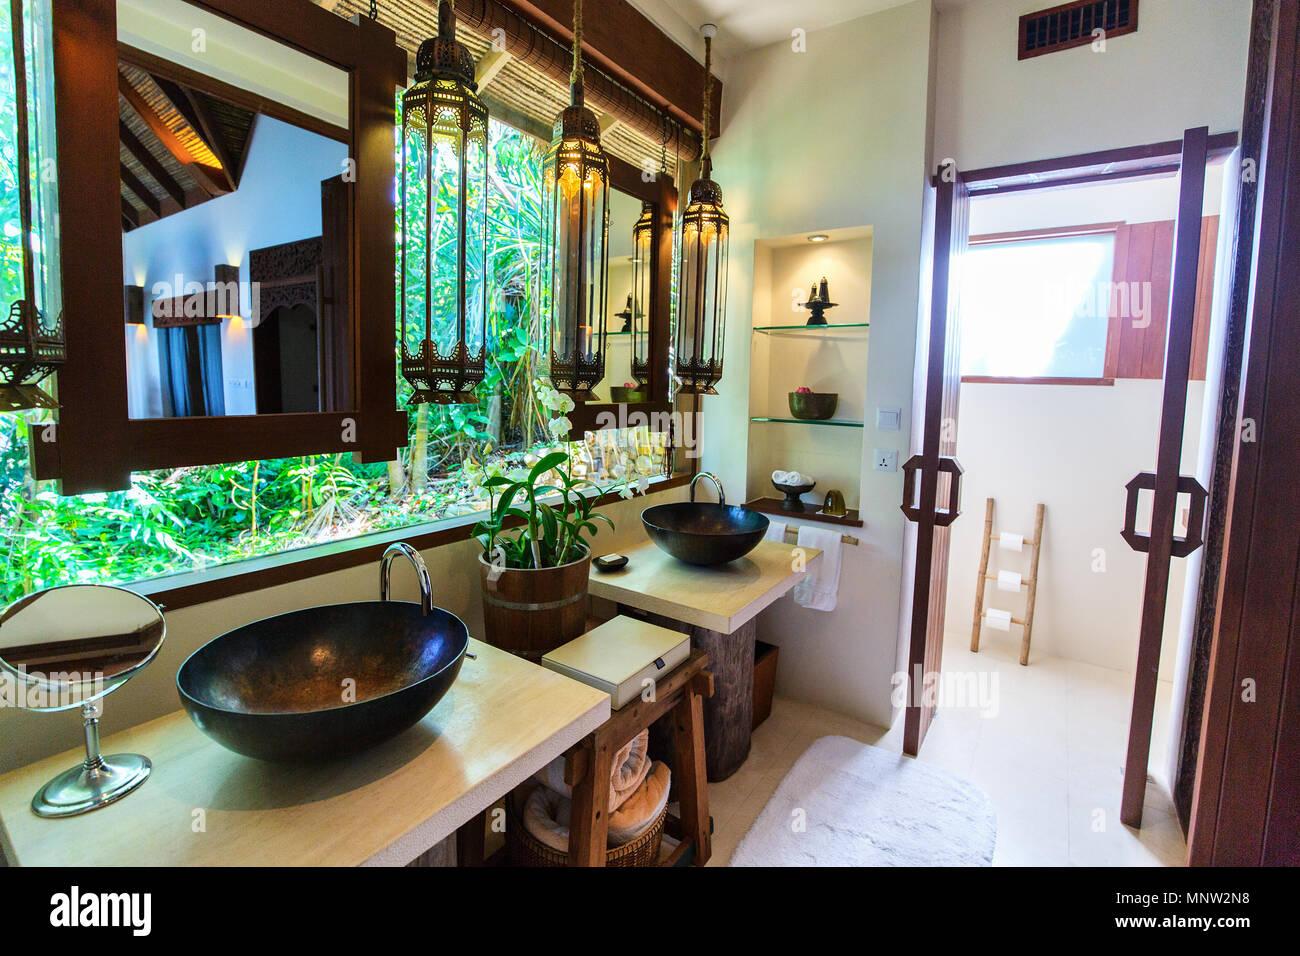 Tropische Bad Interieur in einem Luxus Resort Stockfoto, Bild ...